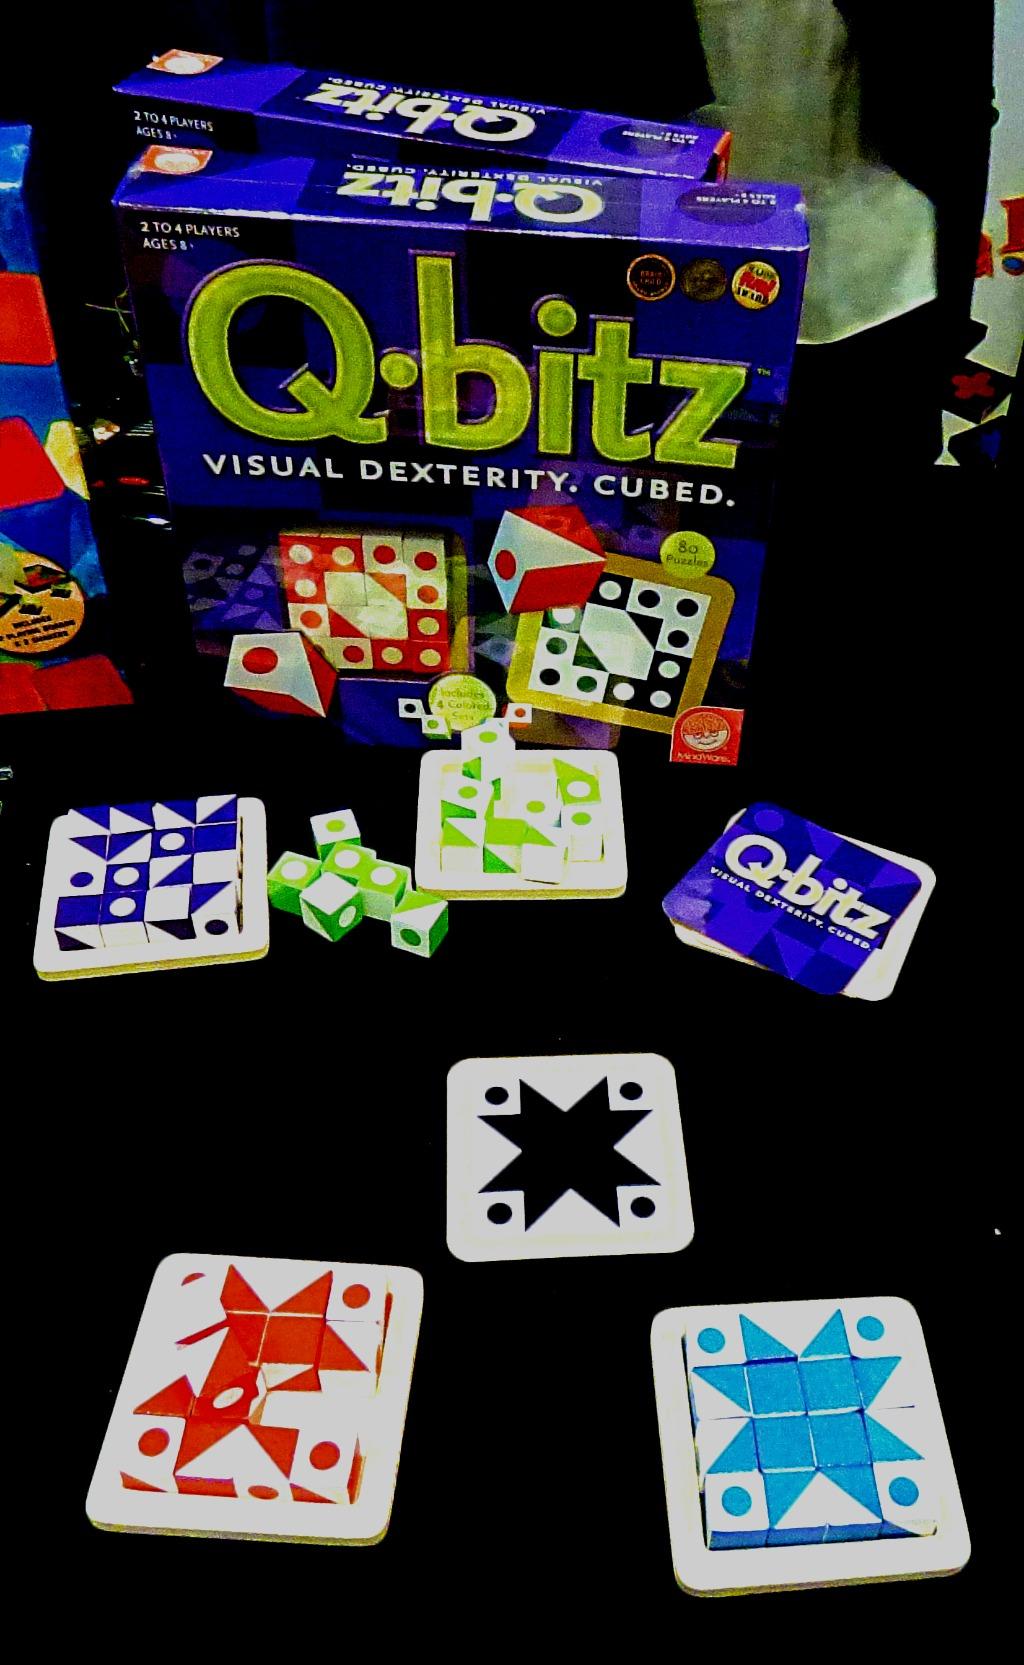 Qbitz